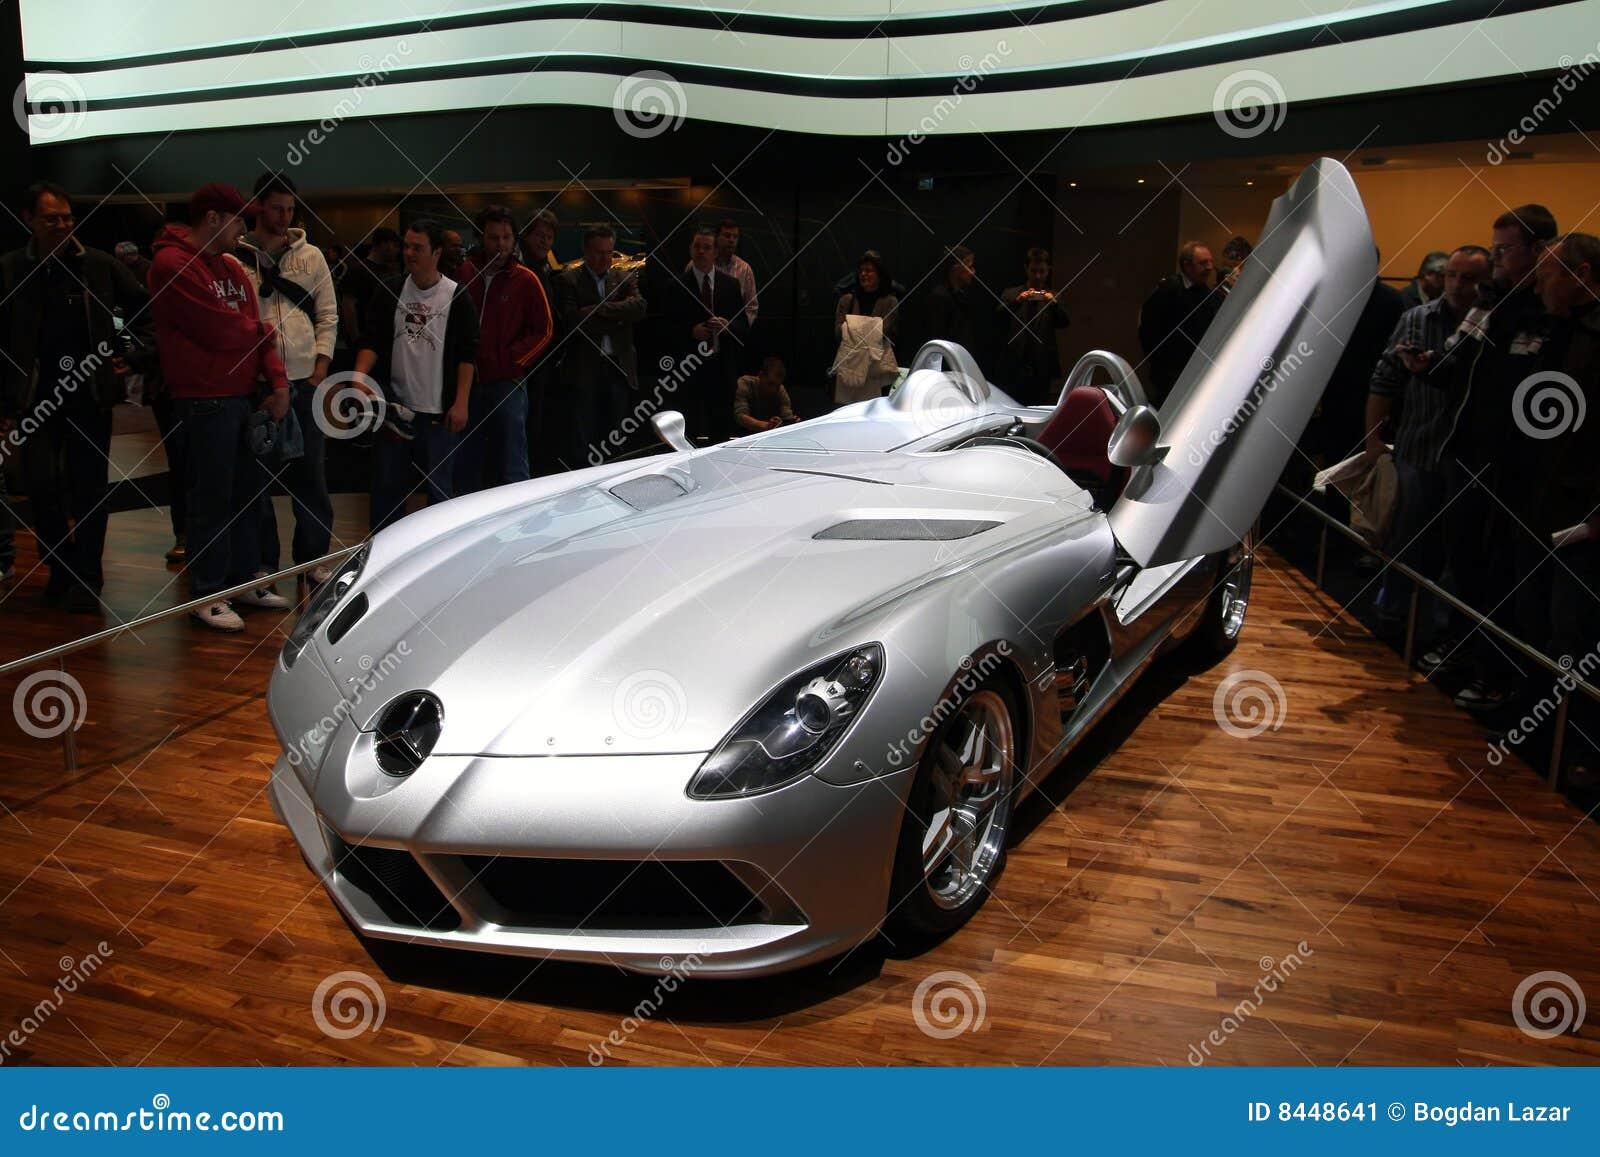 Mercedes SLR Stirling Moss, Geneva Motor Show 2009